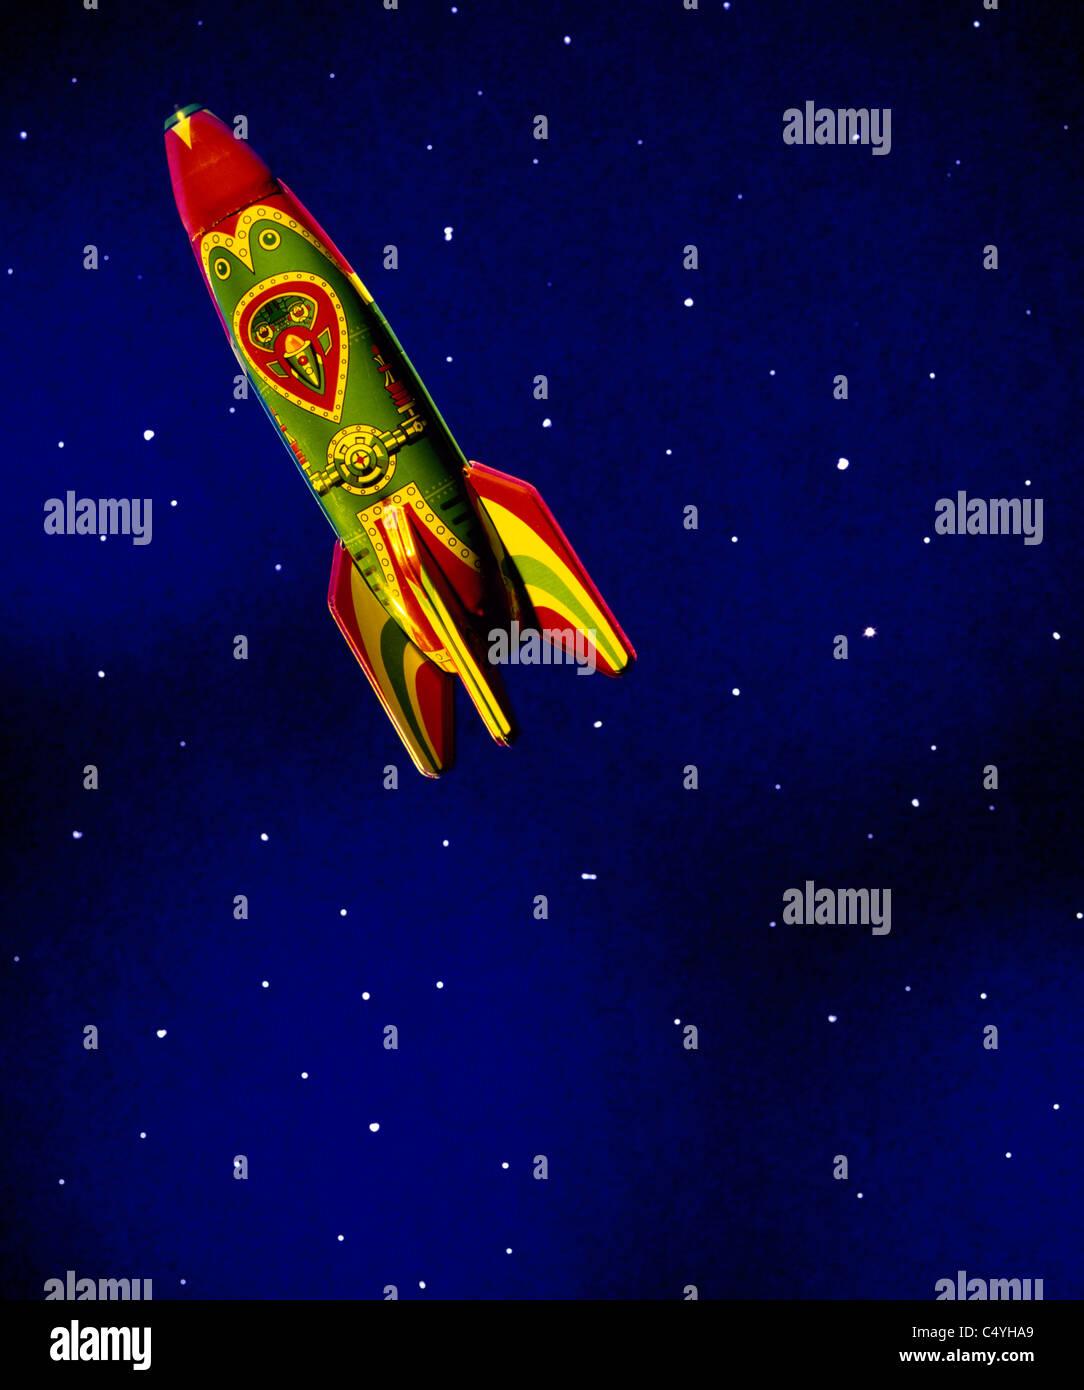 Un giocattolo per bambini è il razzo spaziale galleggianti in blu scuro dello spazio e stelle Immagini Stock